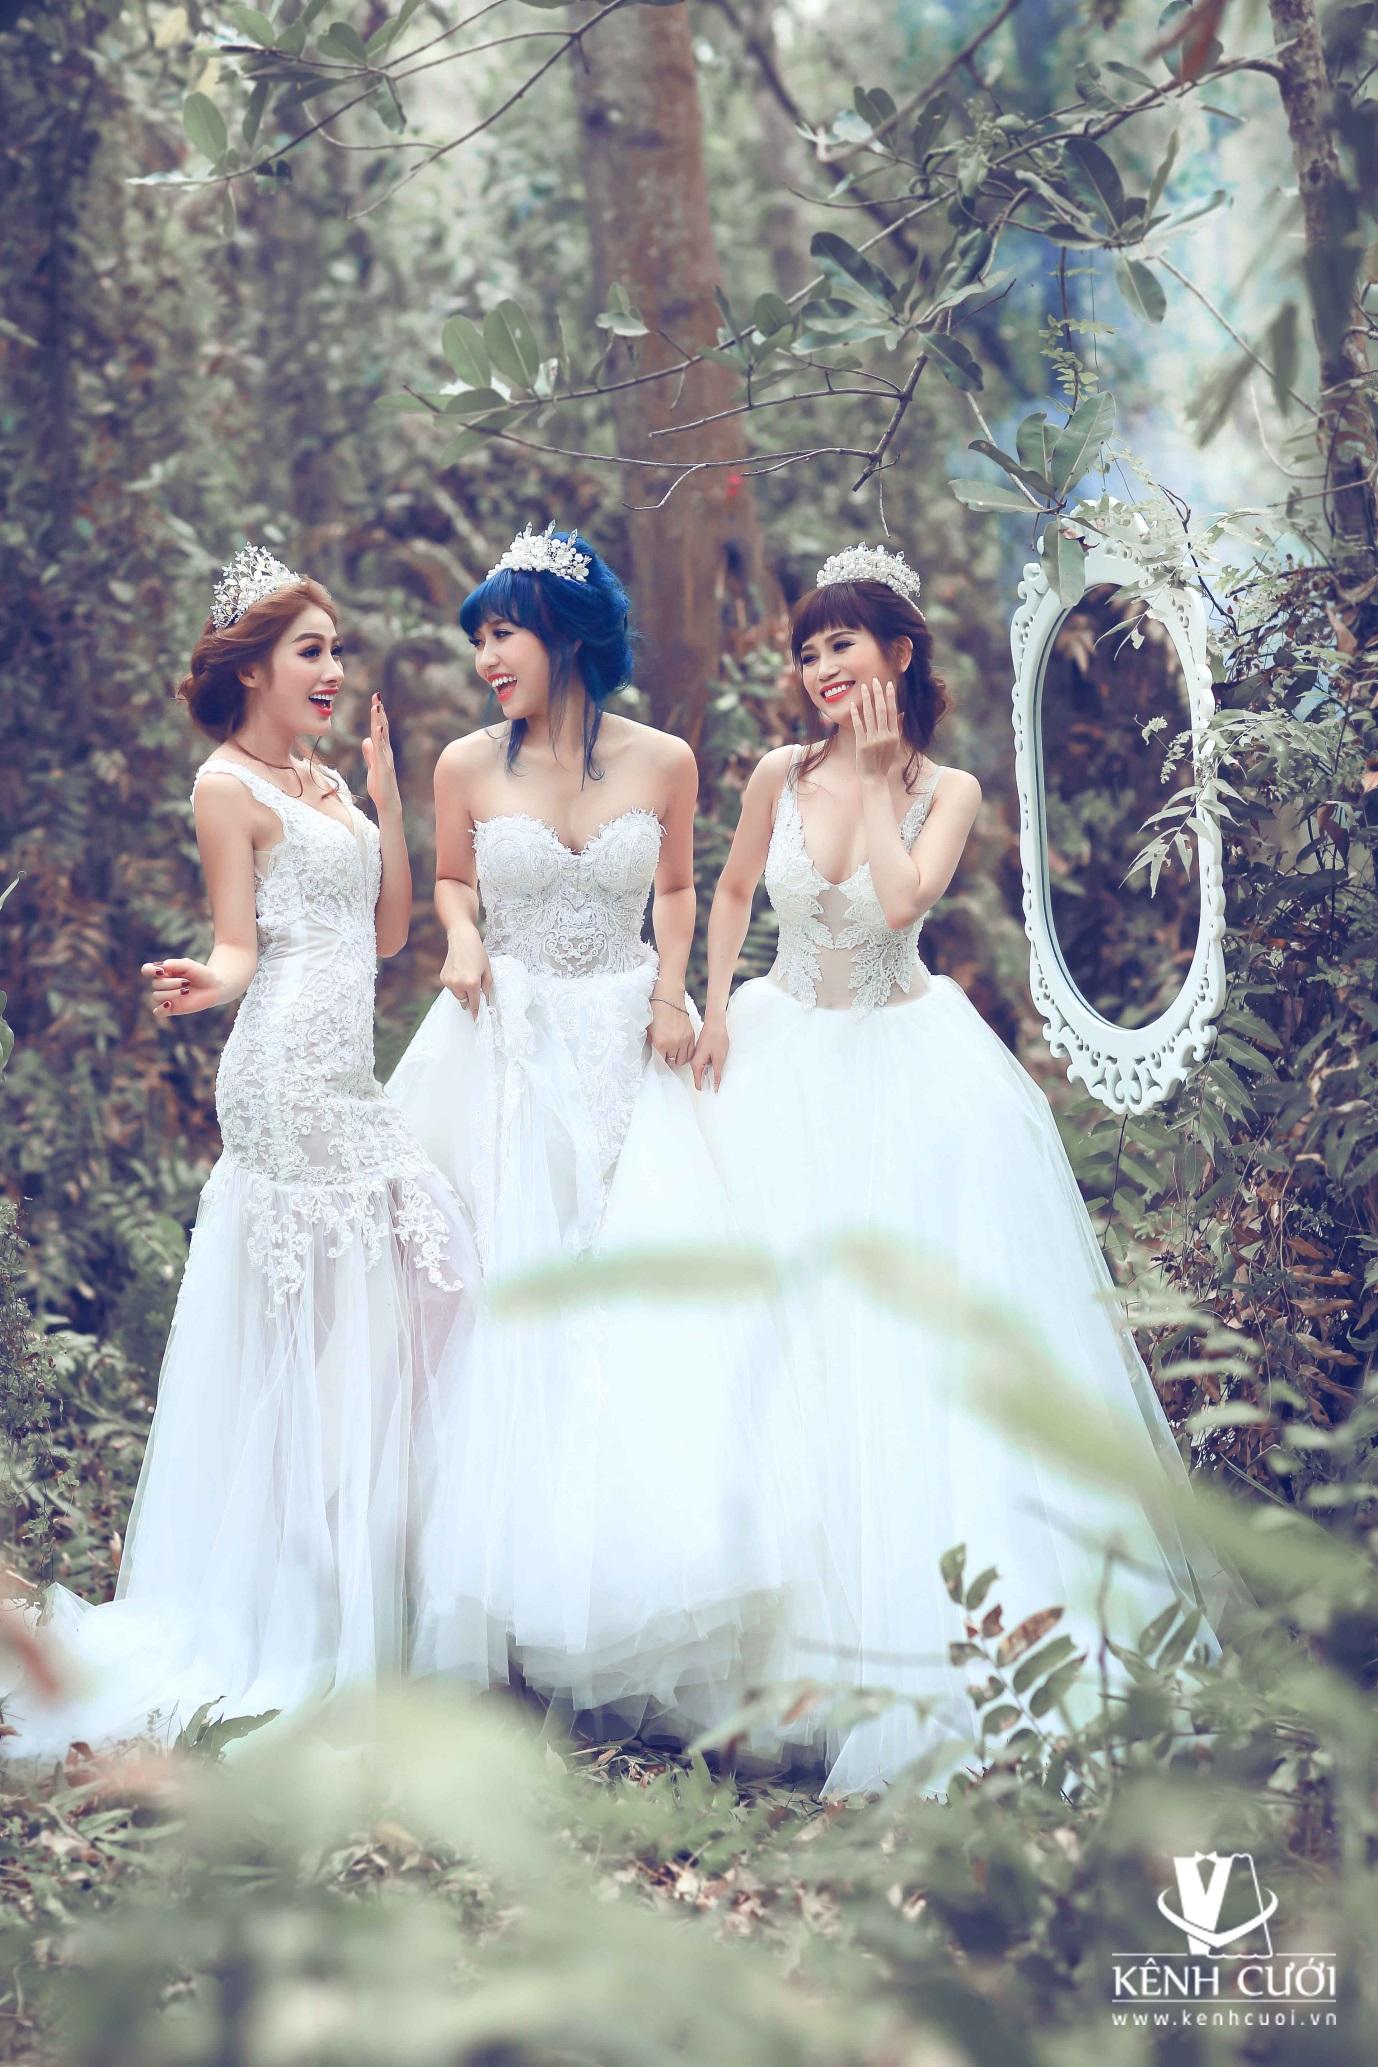 Mê mẩn với bộ ảnh cưới của ba nàng ế - Ảnh 4.